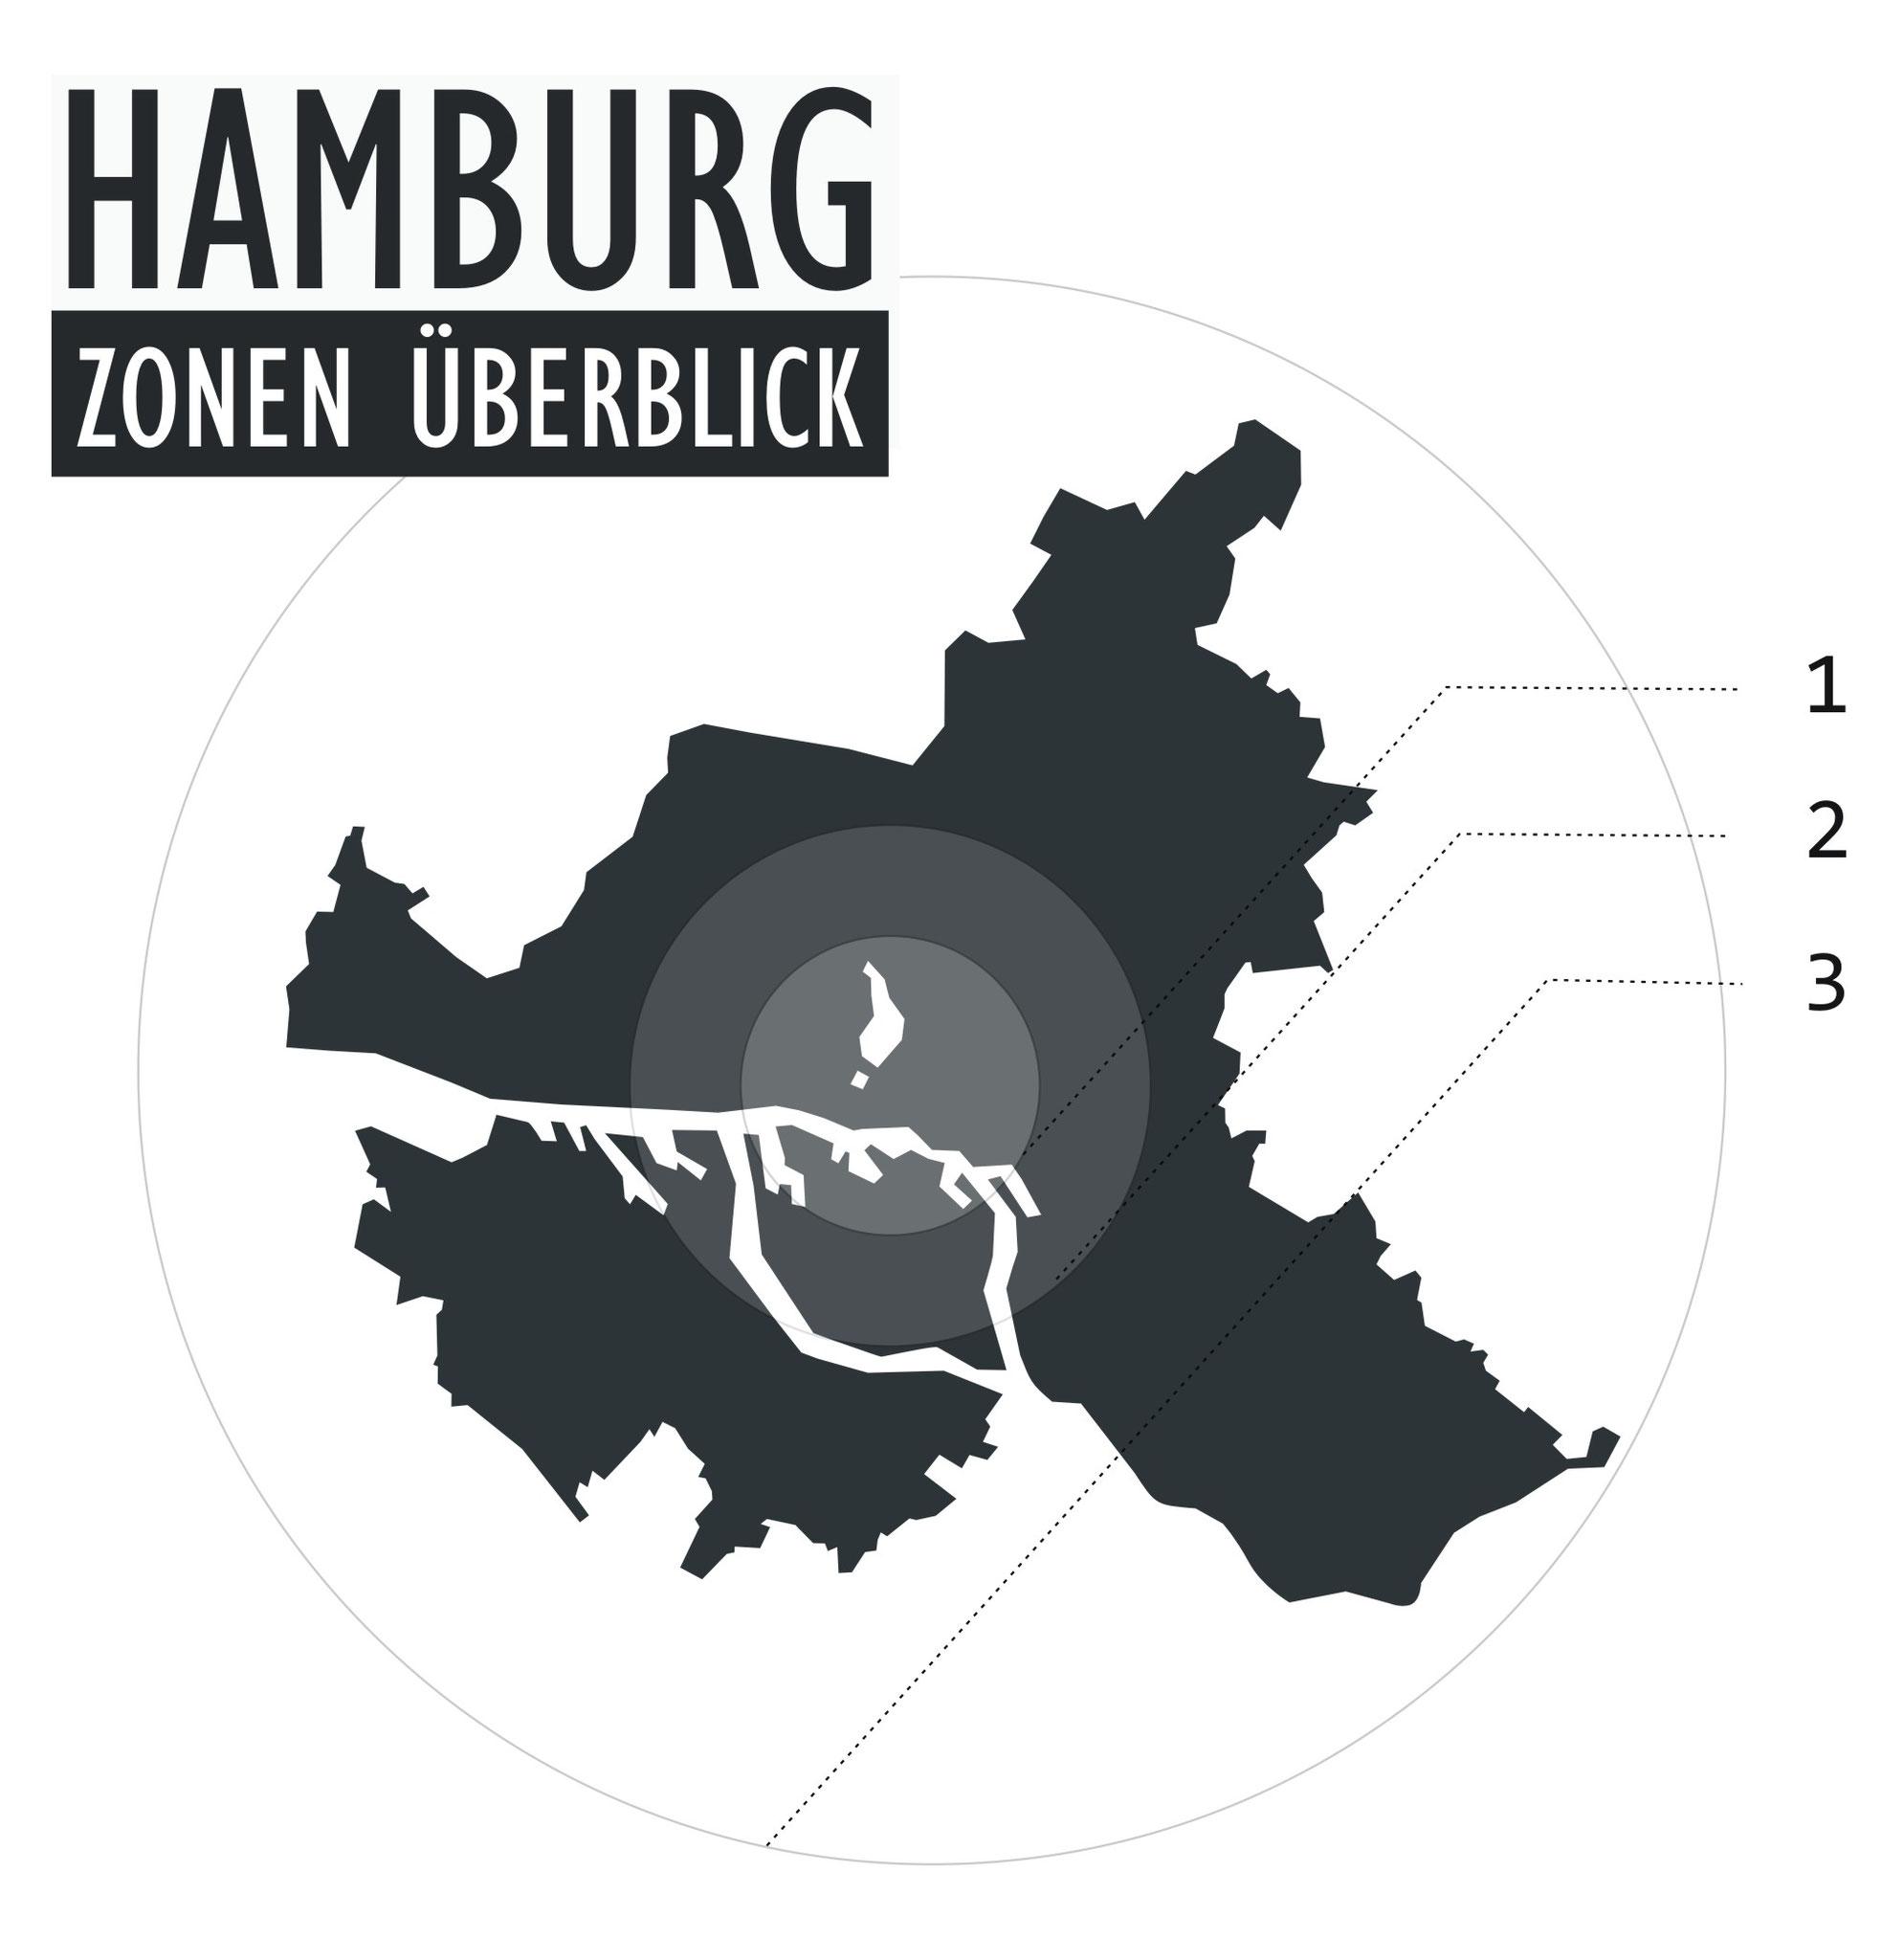 Hamburg imoveyou zonen